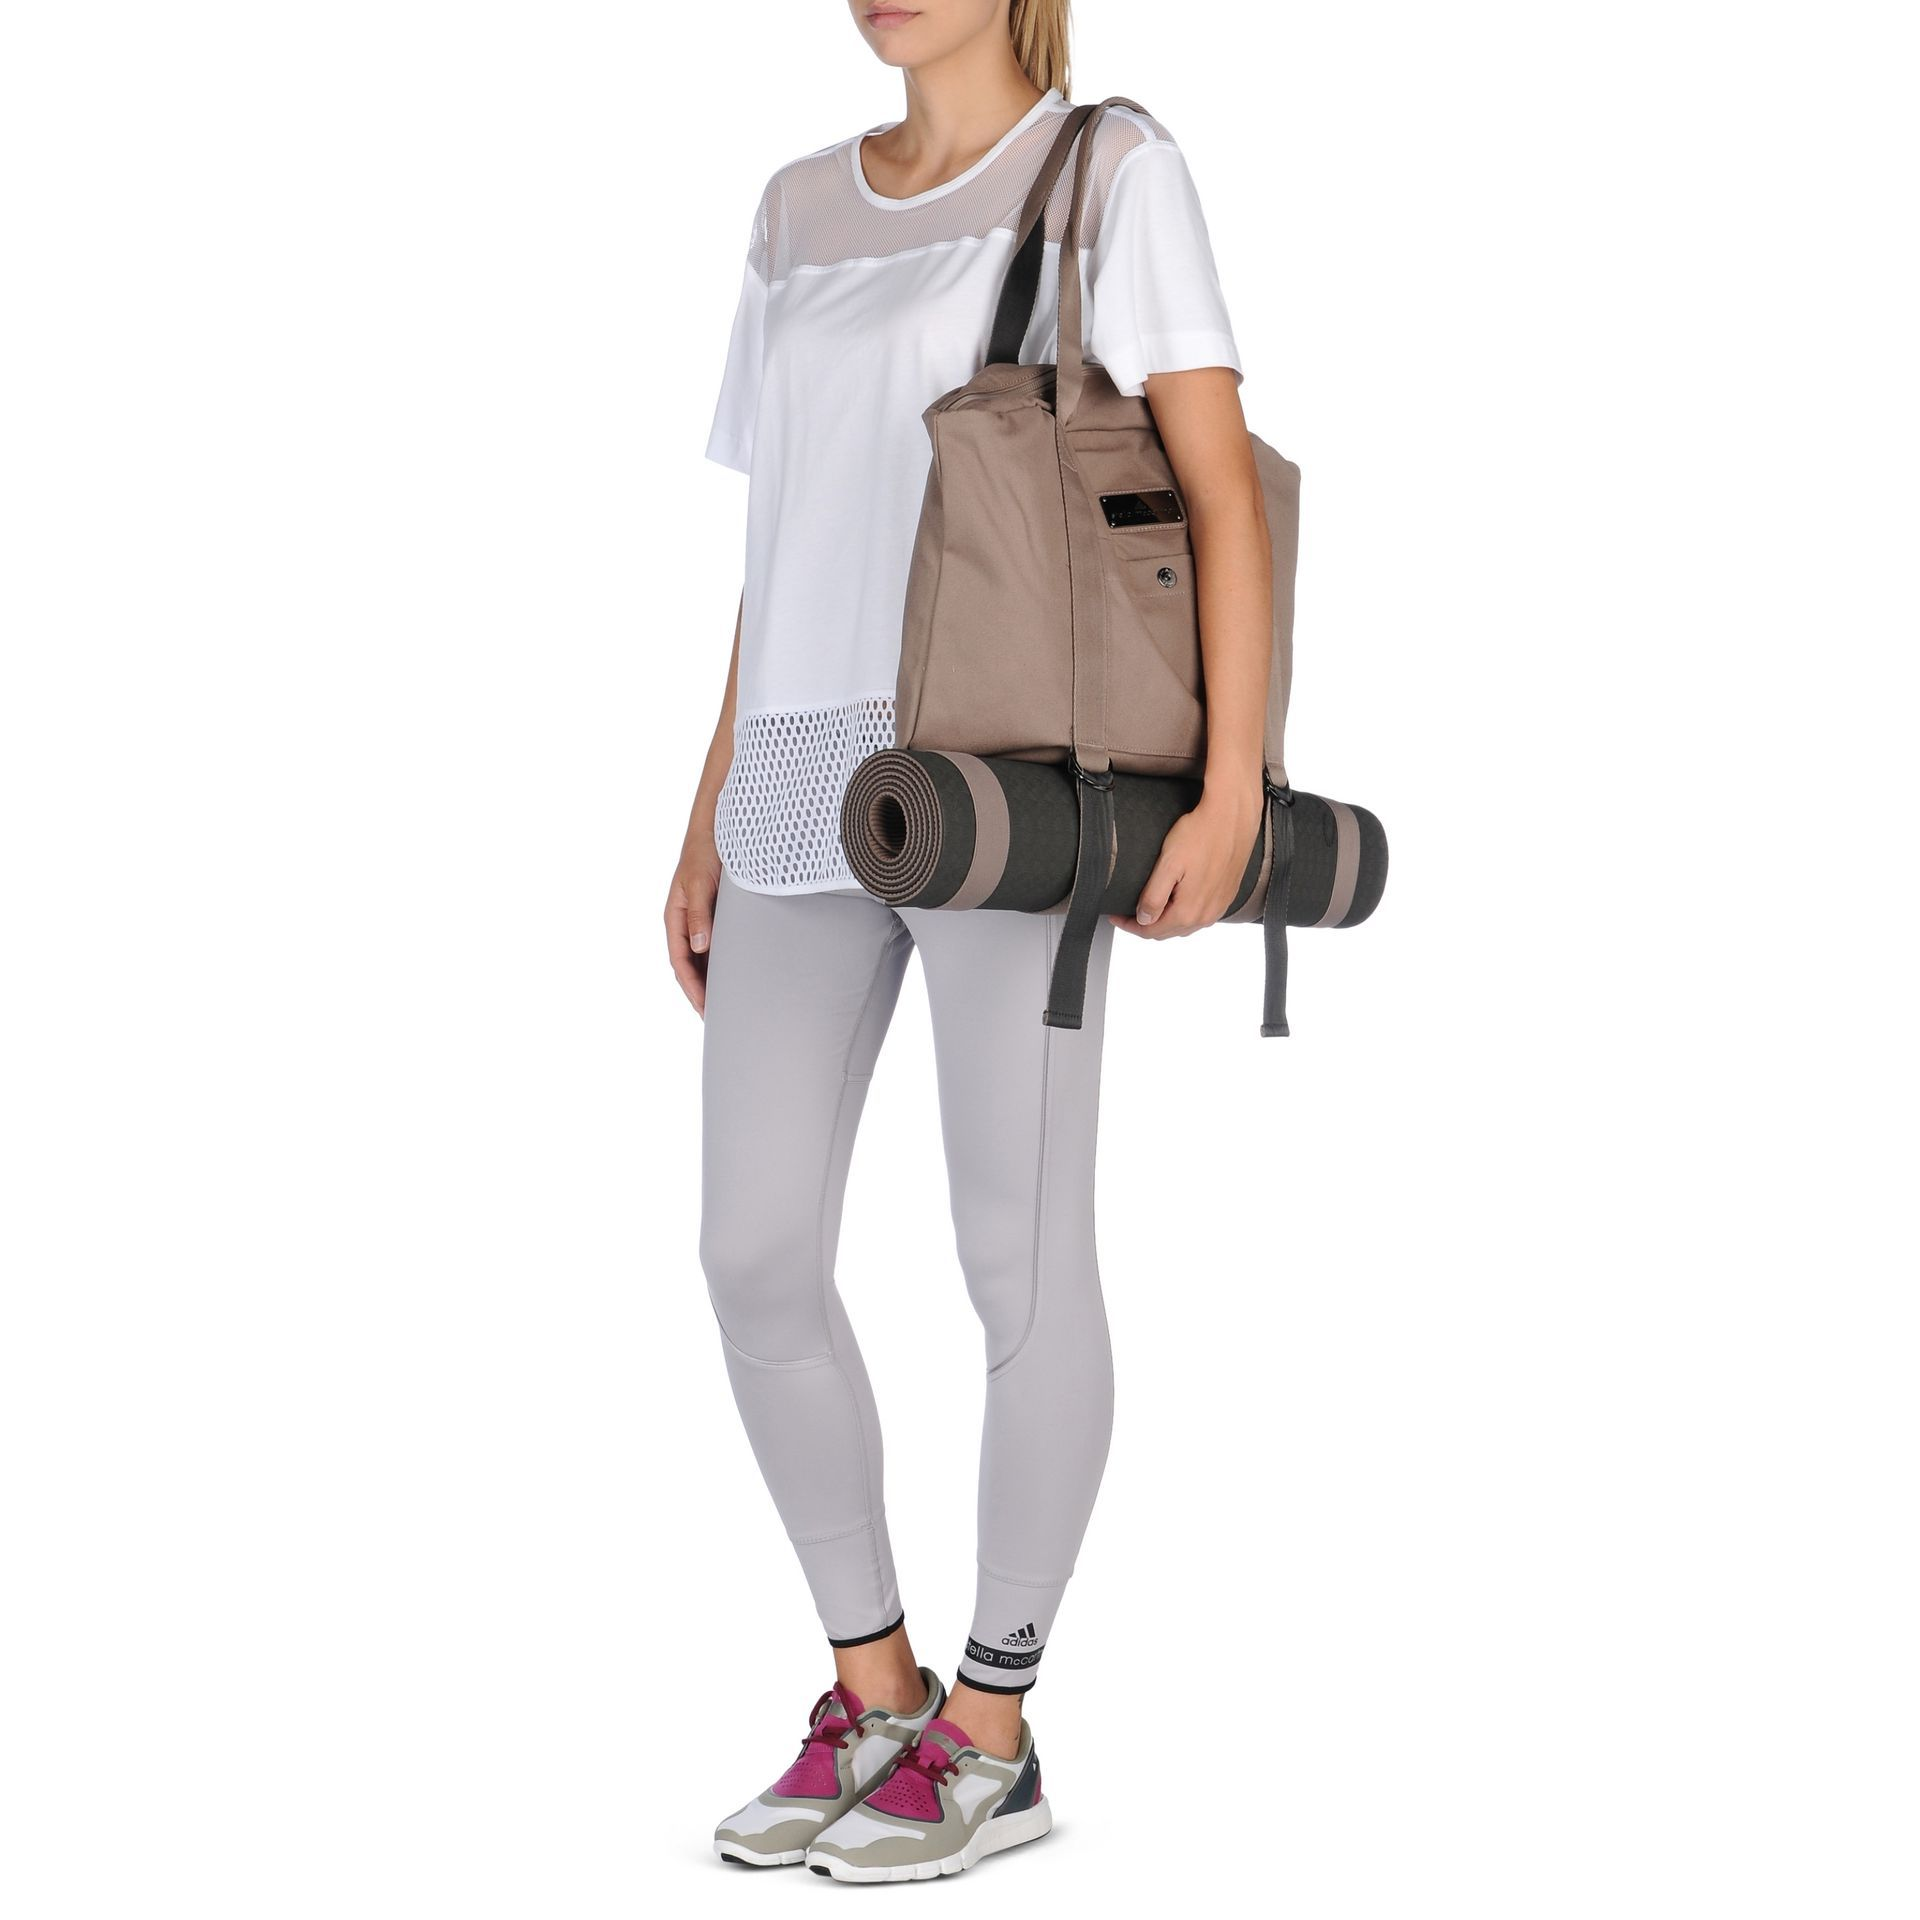 Yoga Bag - ADIDAS BY STELLA MCCARTNEY  7748bcd8010